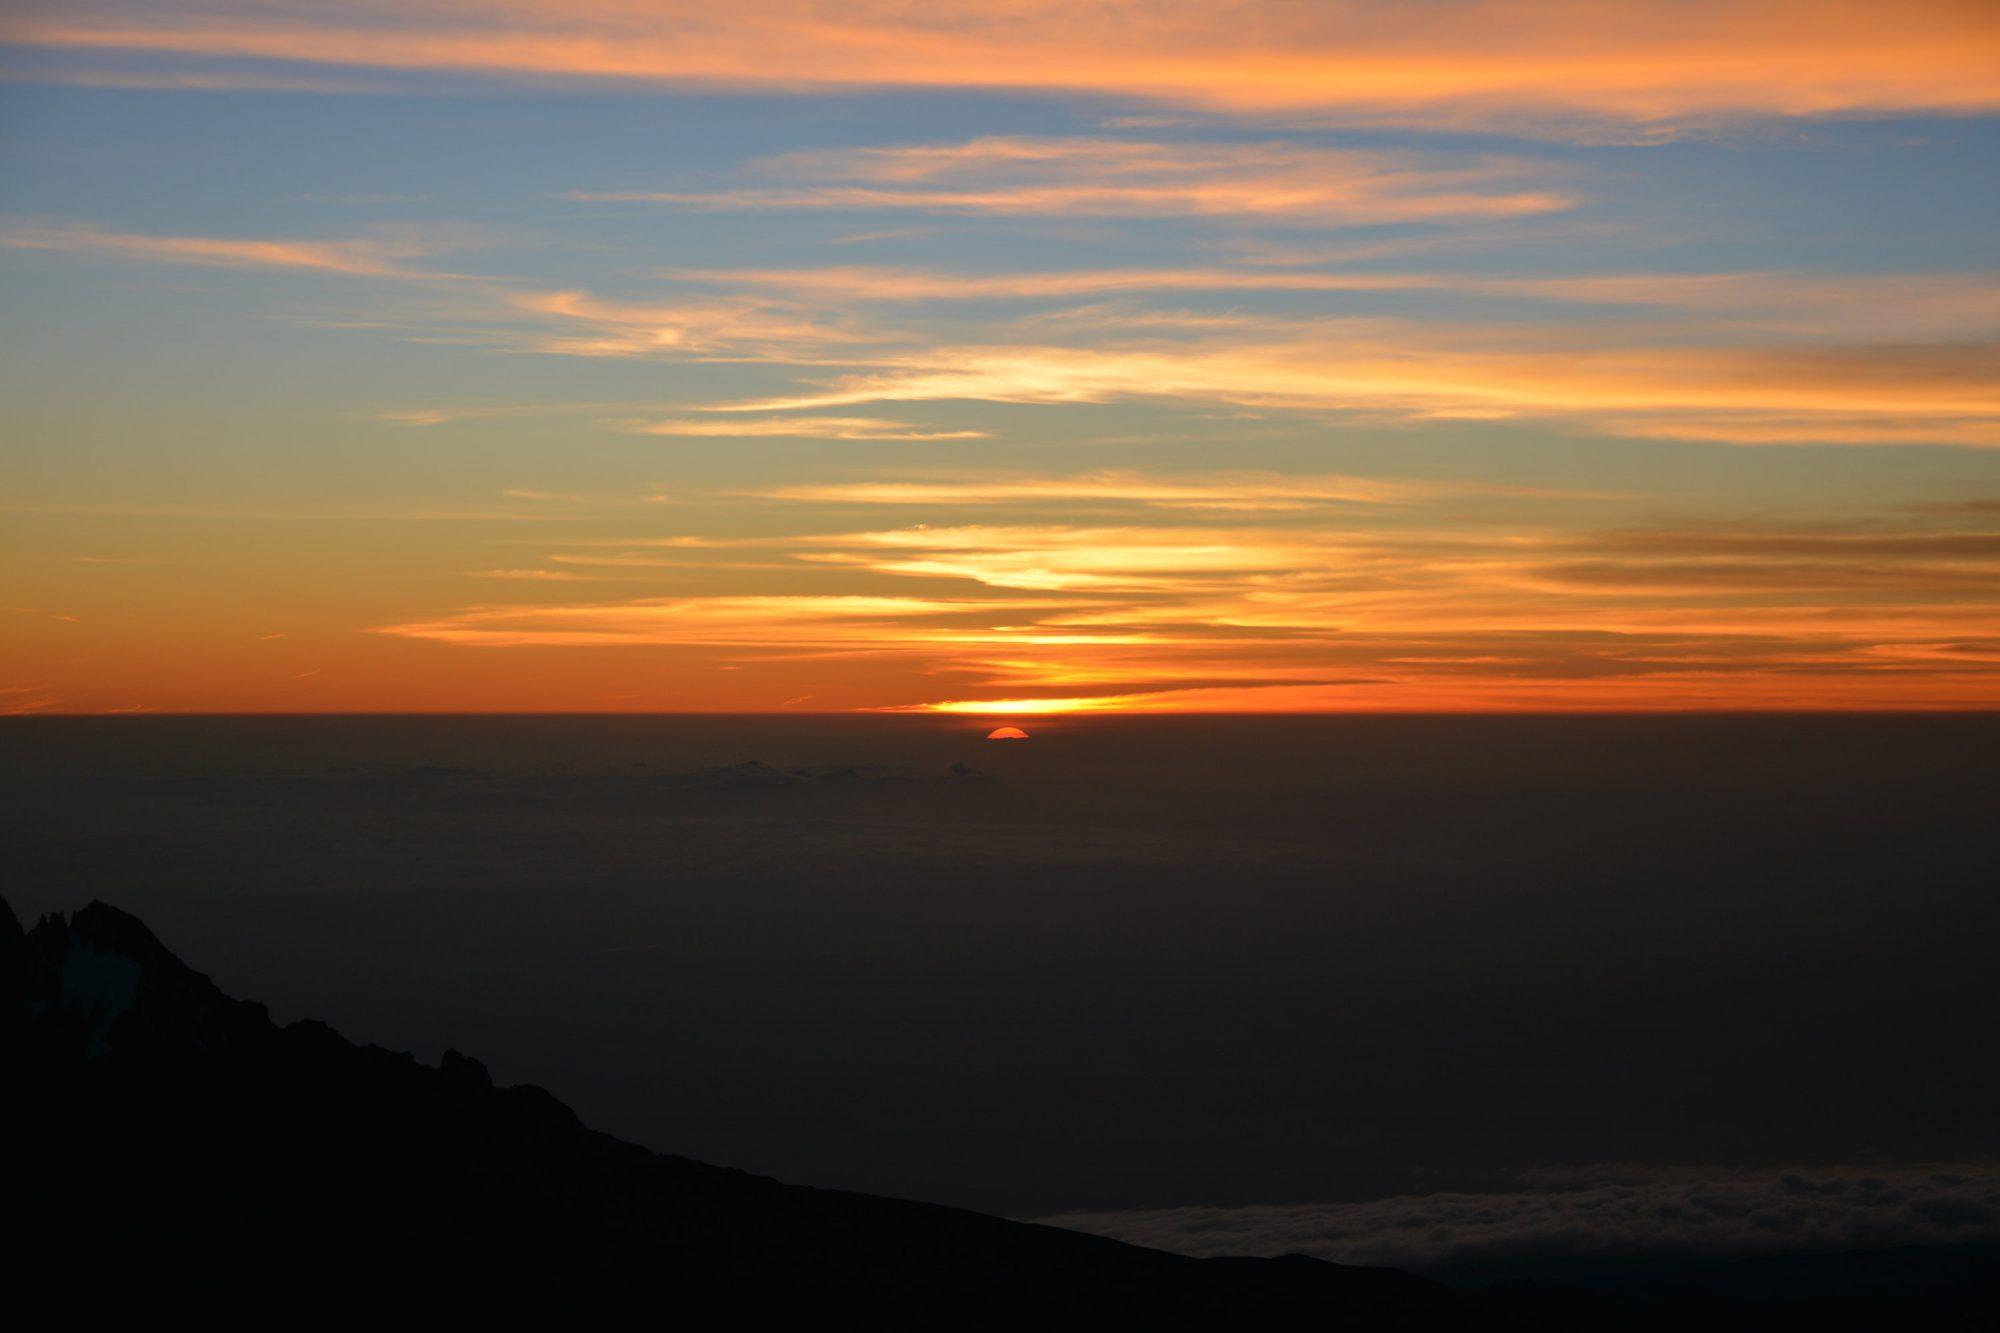 Sonnenaufgang am Kilimandscharo, Kilimandscharo, Kilimandscharo besteigen, Tansania, Afrika, Kilimandscharo Tour, Erfahrungsbericht, Machame Route